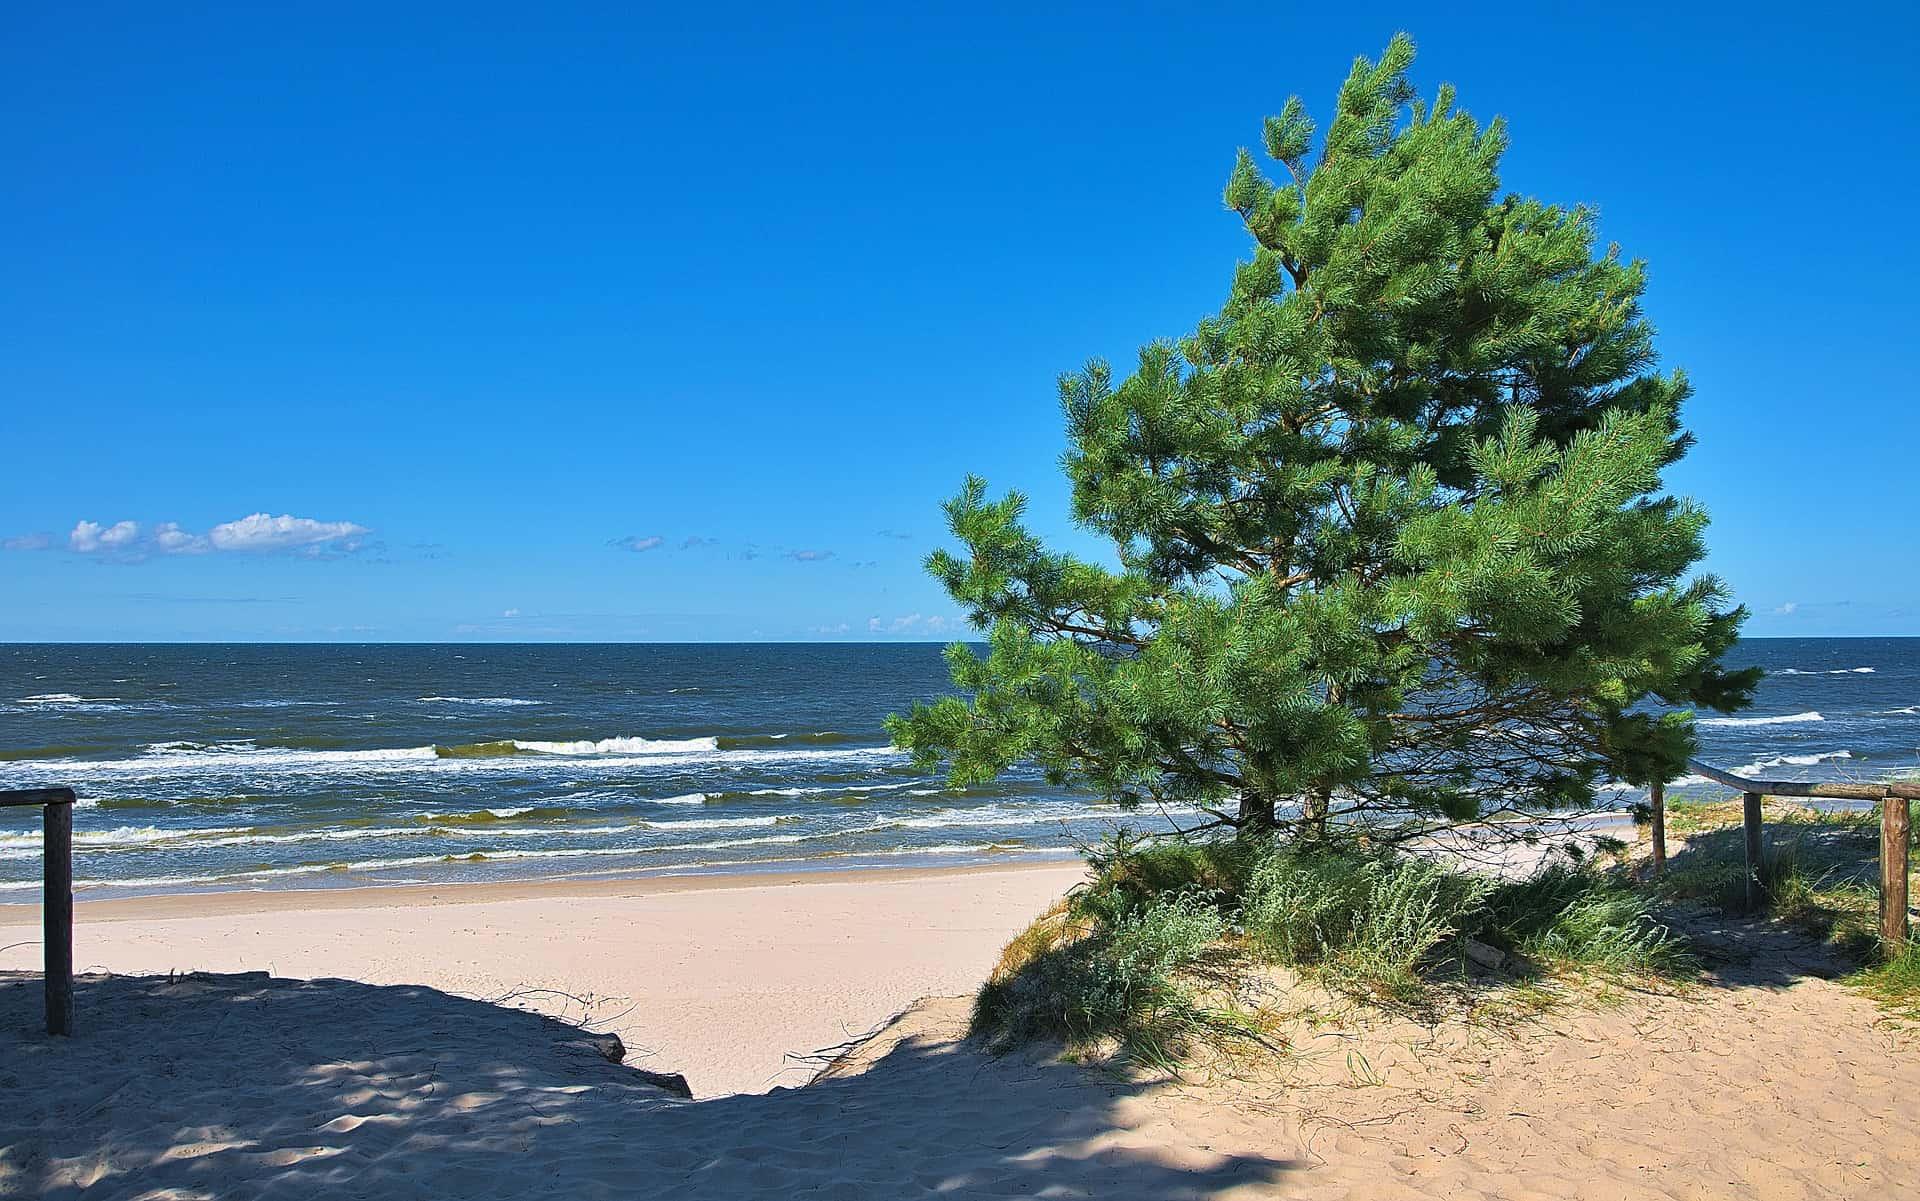 Hotel Grand Kapitan nur 25,00€ - 4 Sterne Wellness Polnische Ostsee